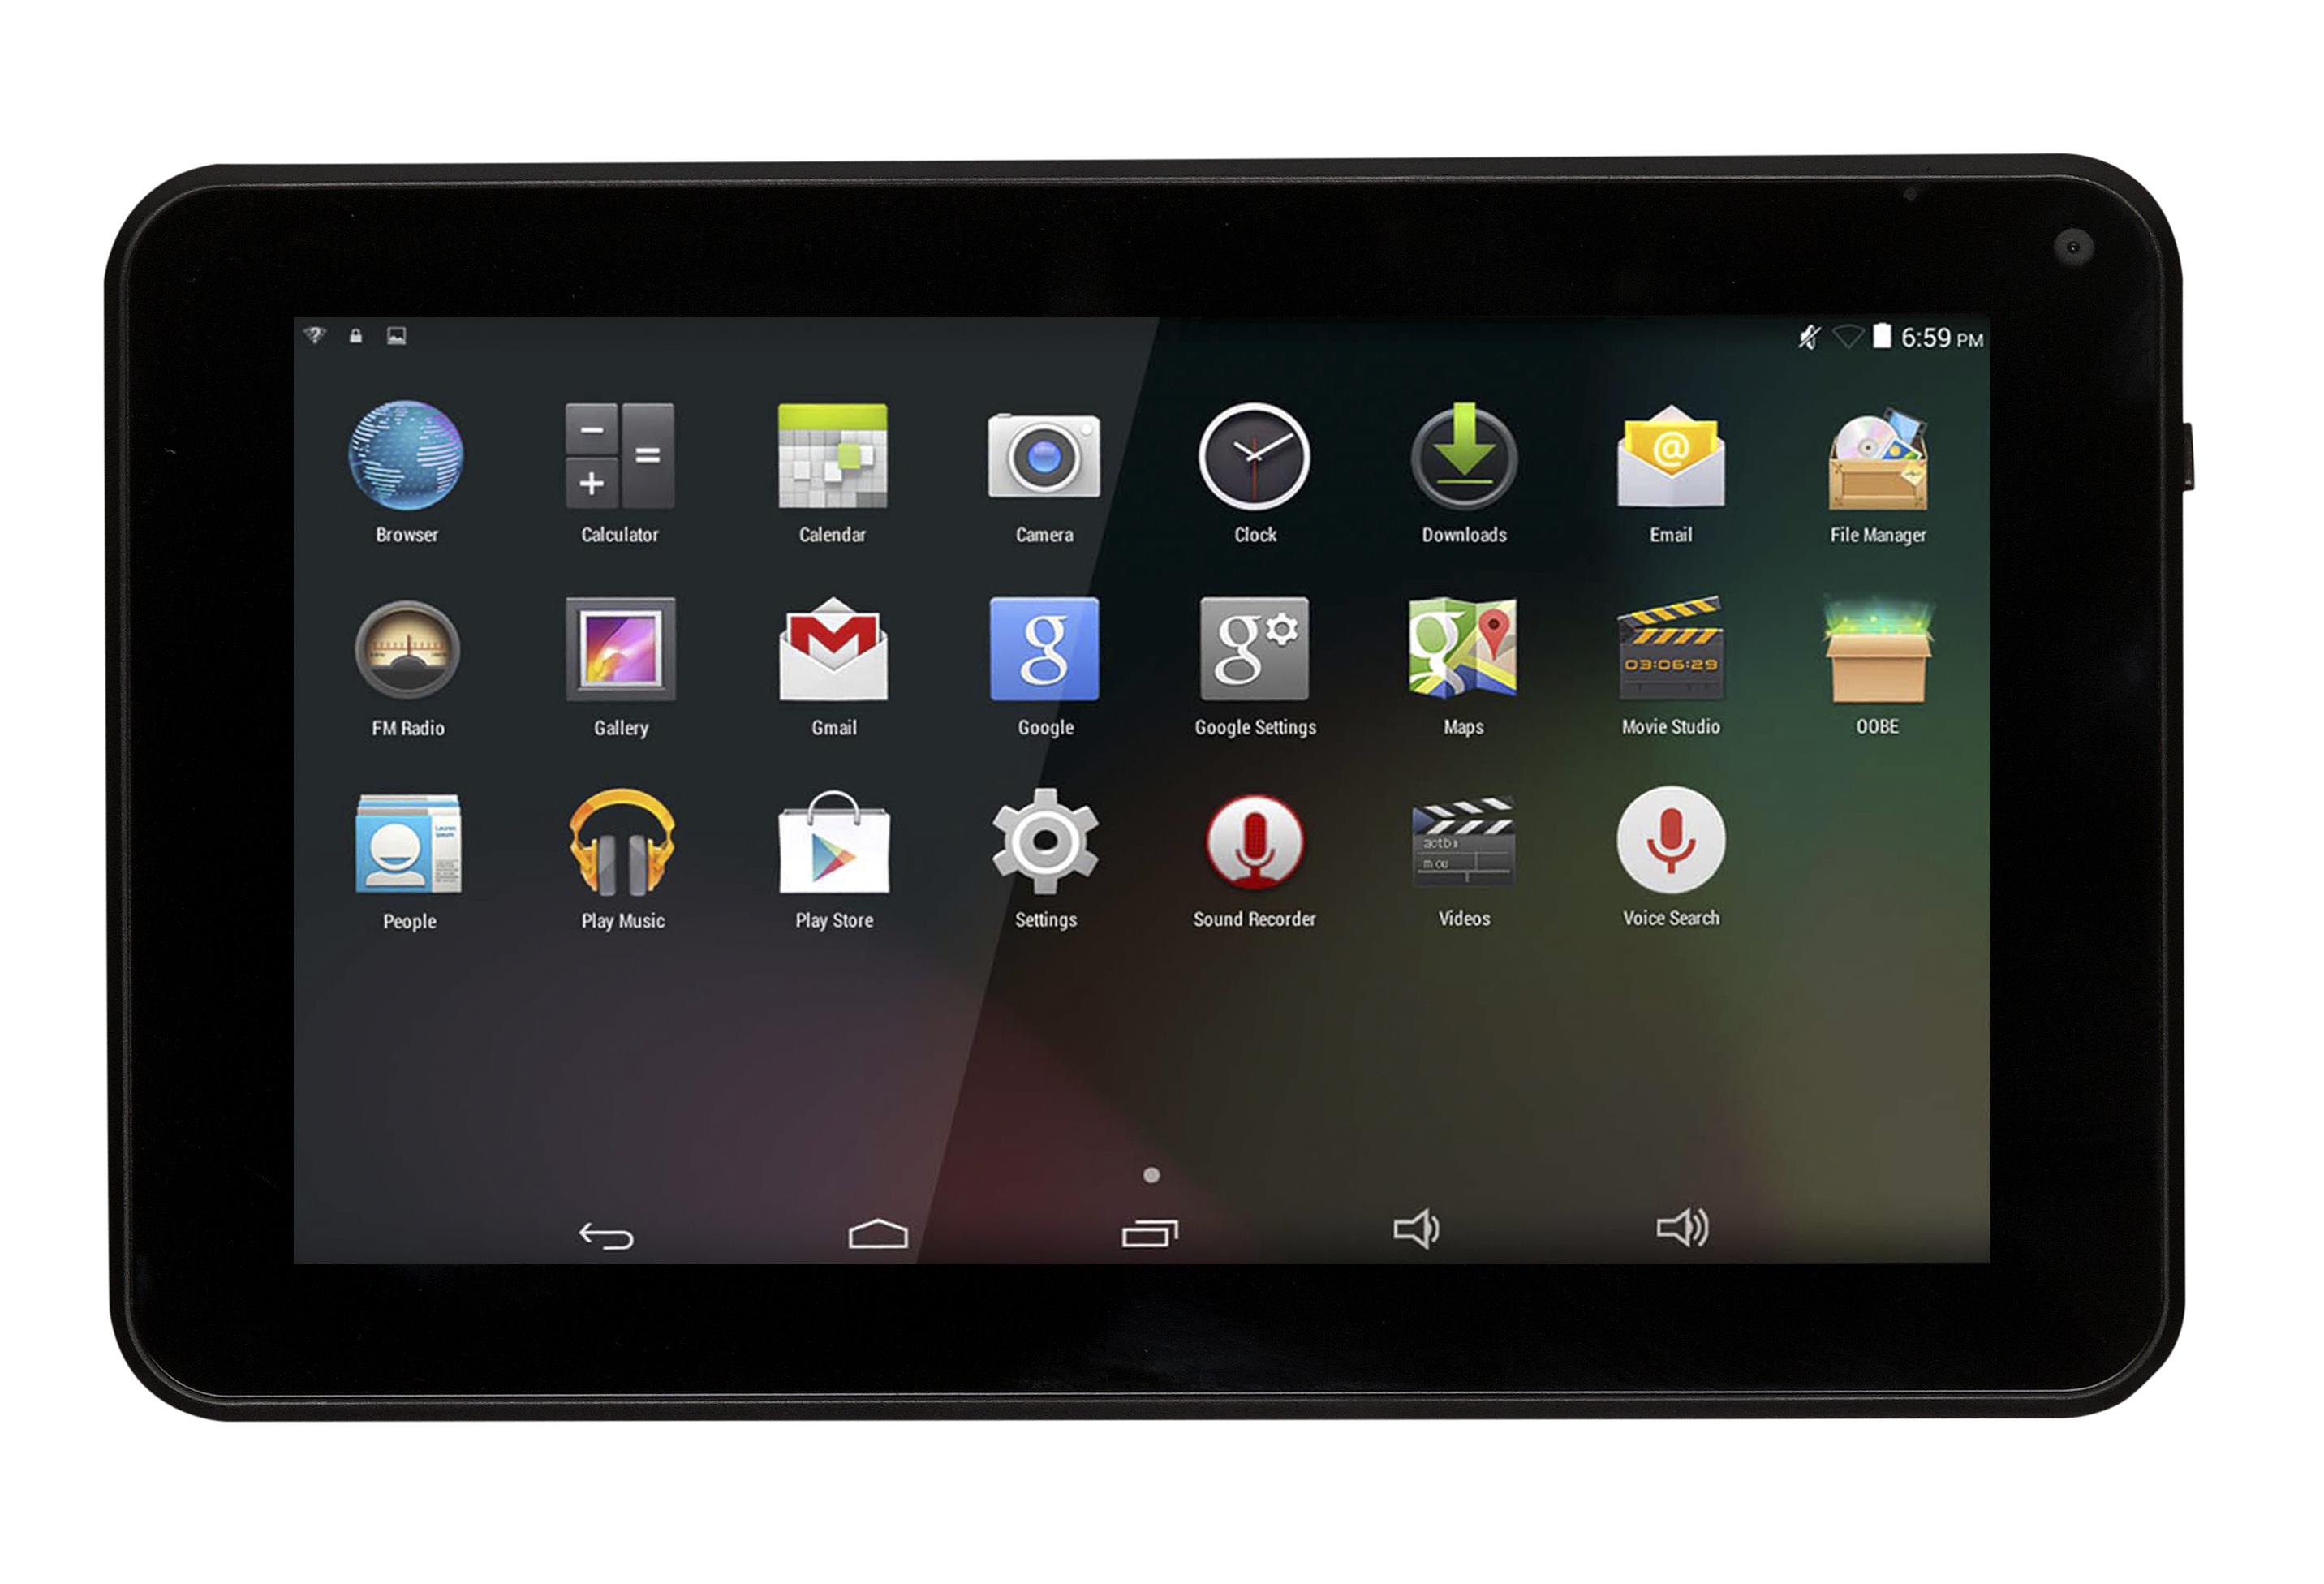 Tablet denver 7pulgadas - taq - 70333 -  2 mpx -  16gb rom -  1 gb ram -   wifi -  android 8.1